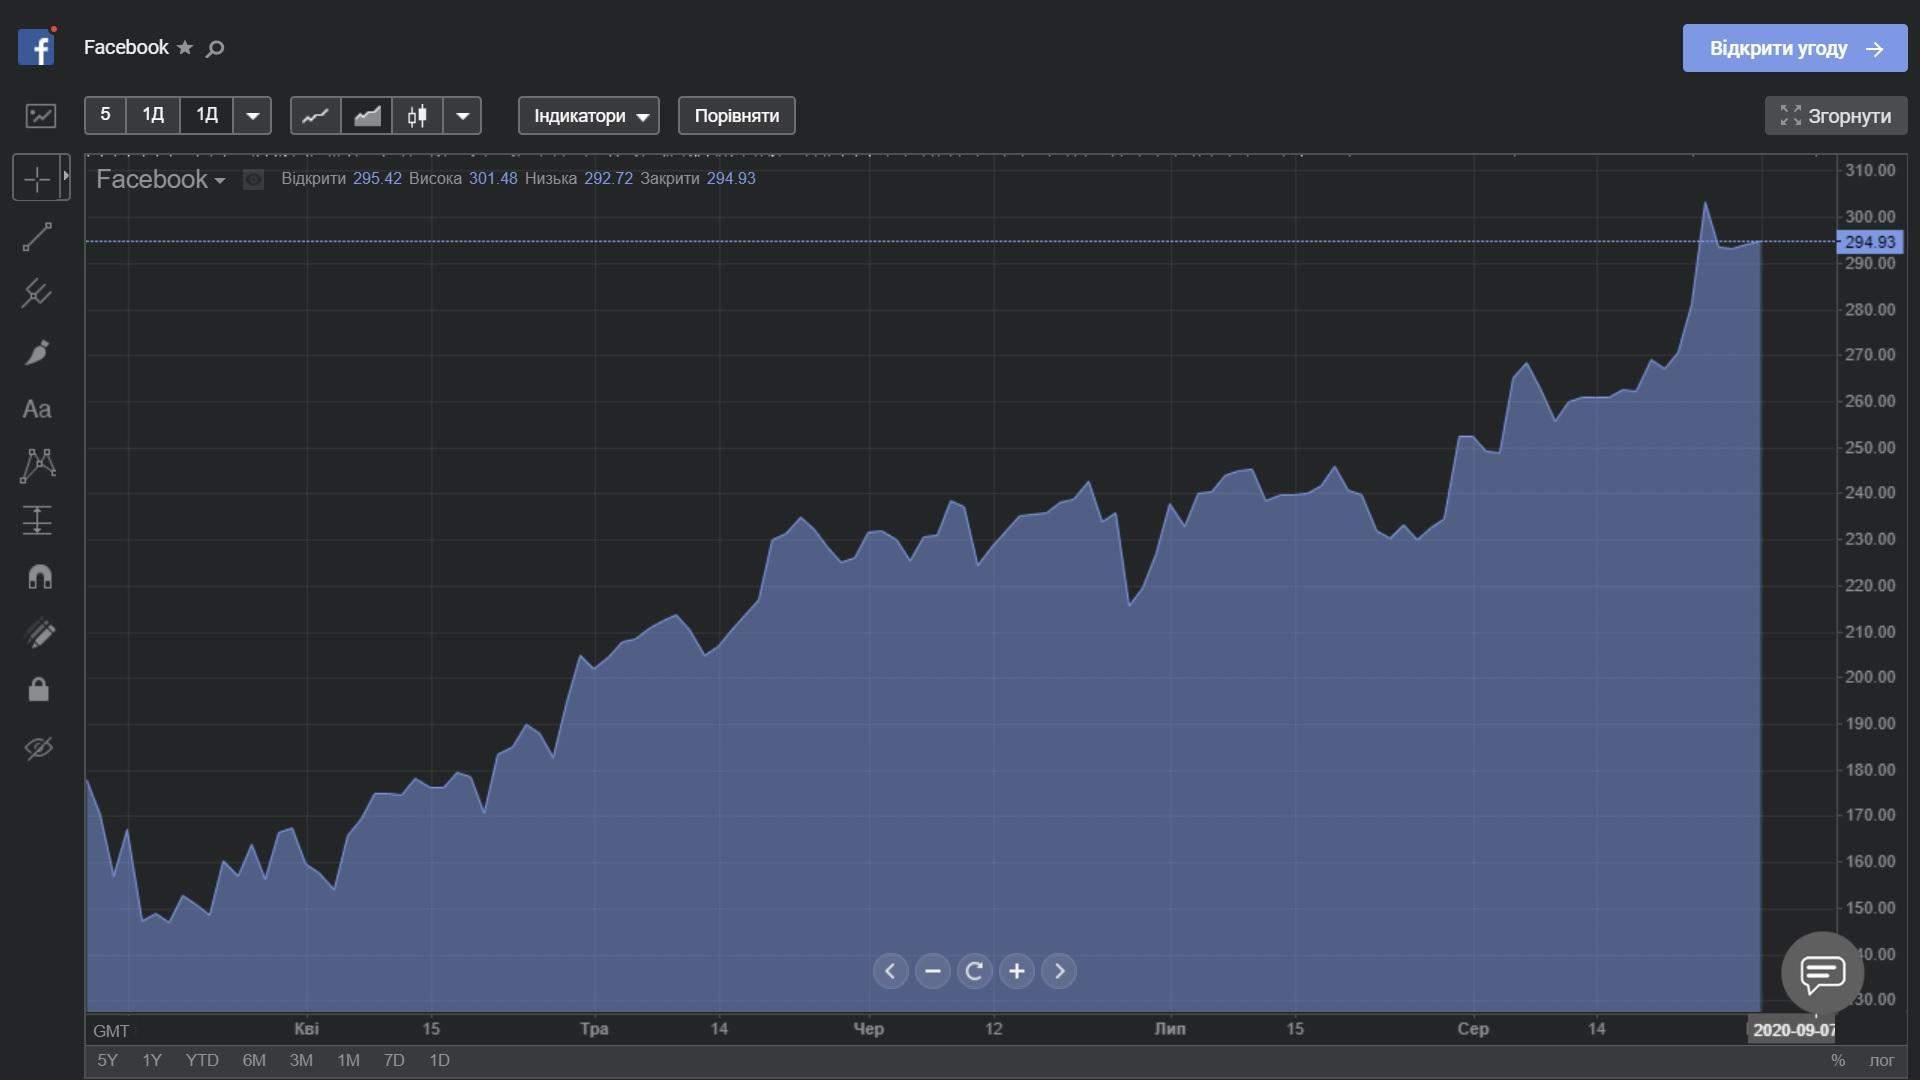 Акции Facebook с марта 2020